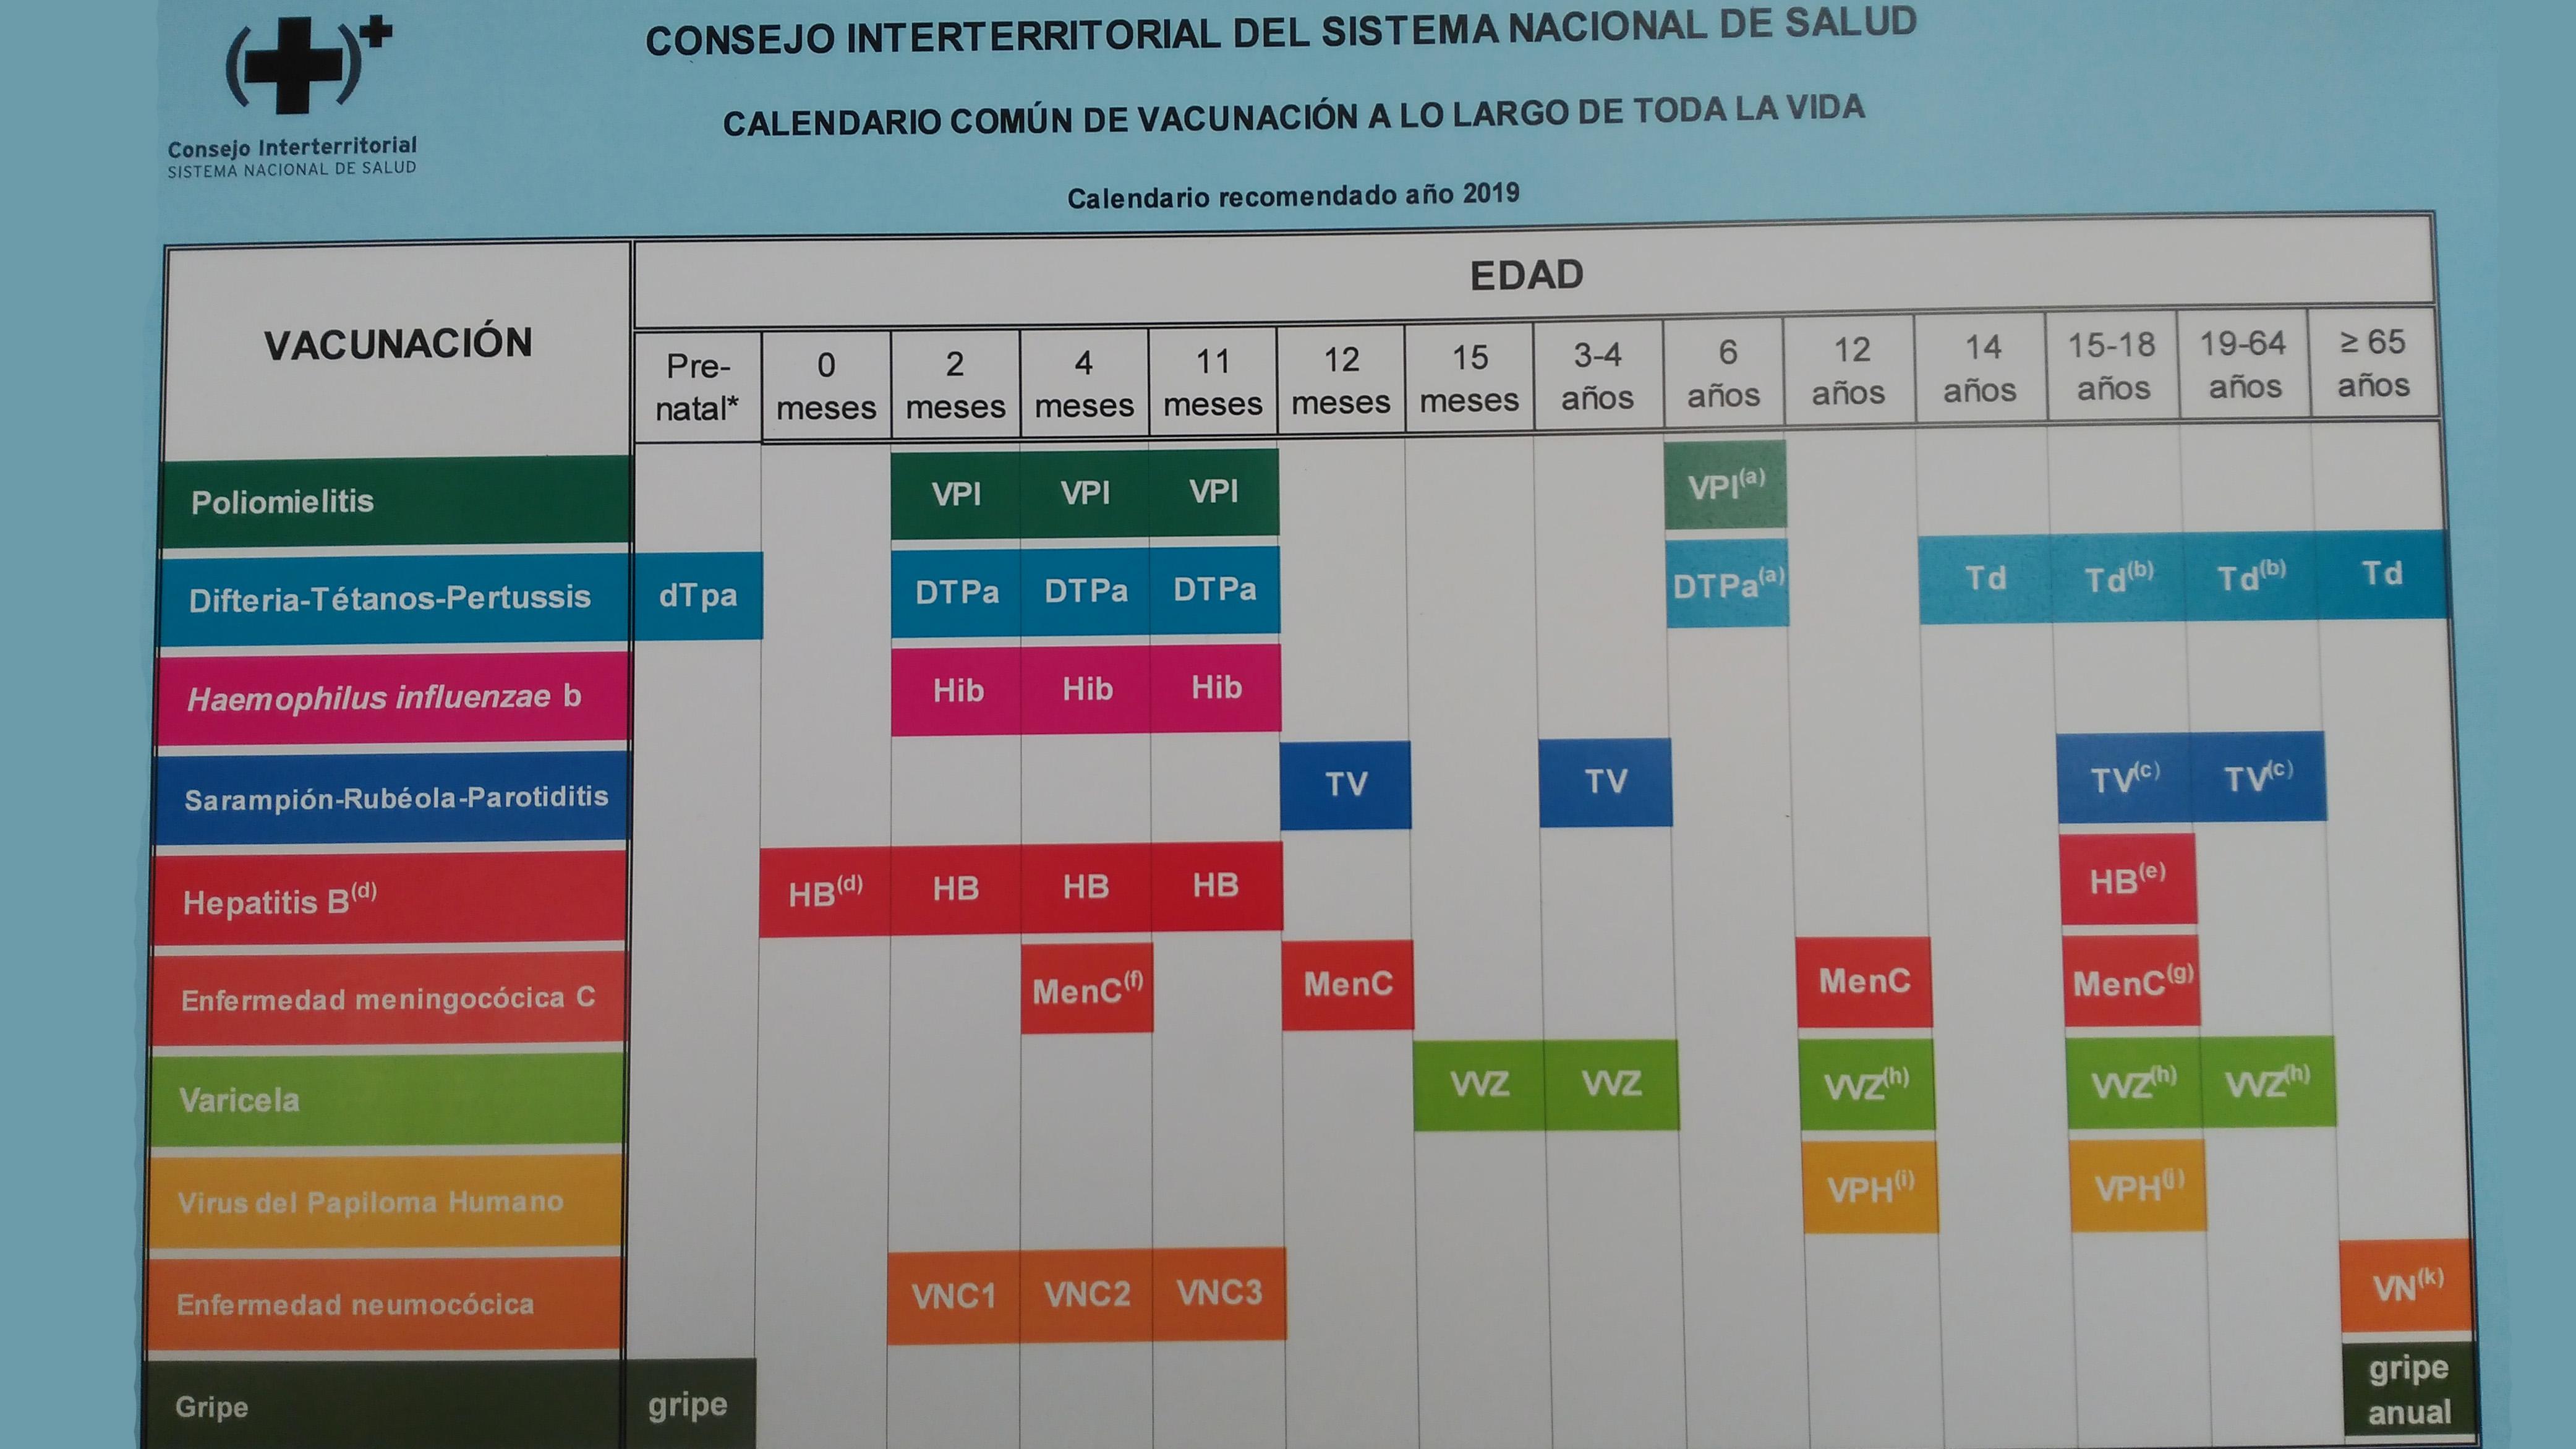 Calendario De Vacunacion 2020.Asi Es El Calendario Vacunal Para Toda La Vida Aprobado Por El